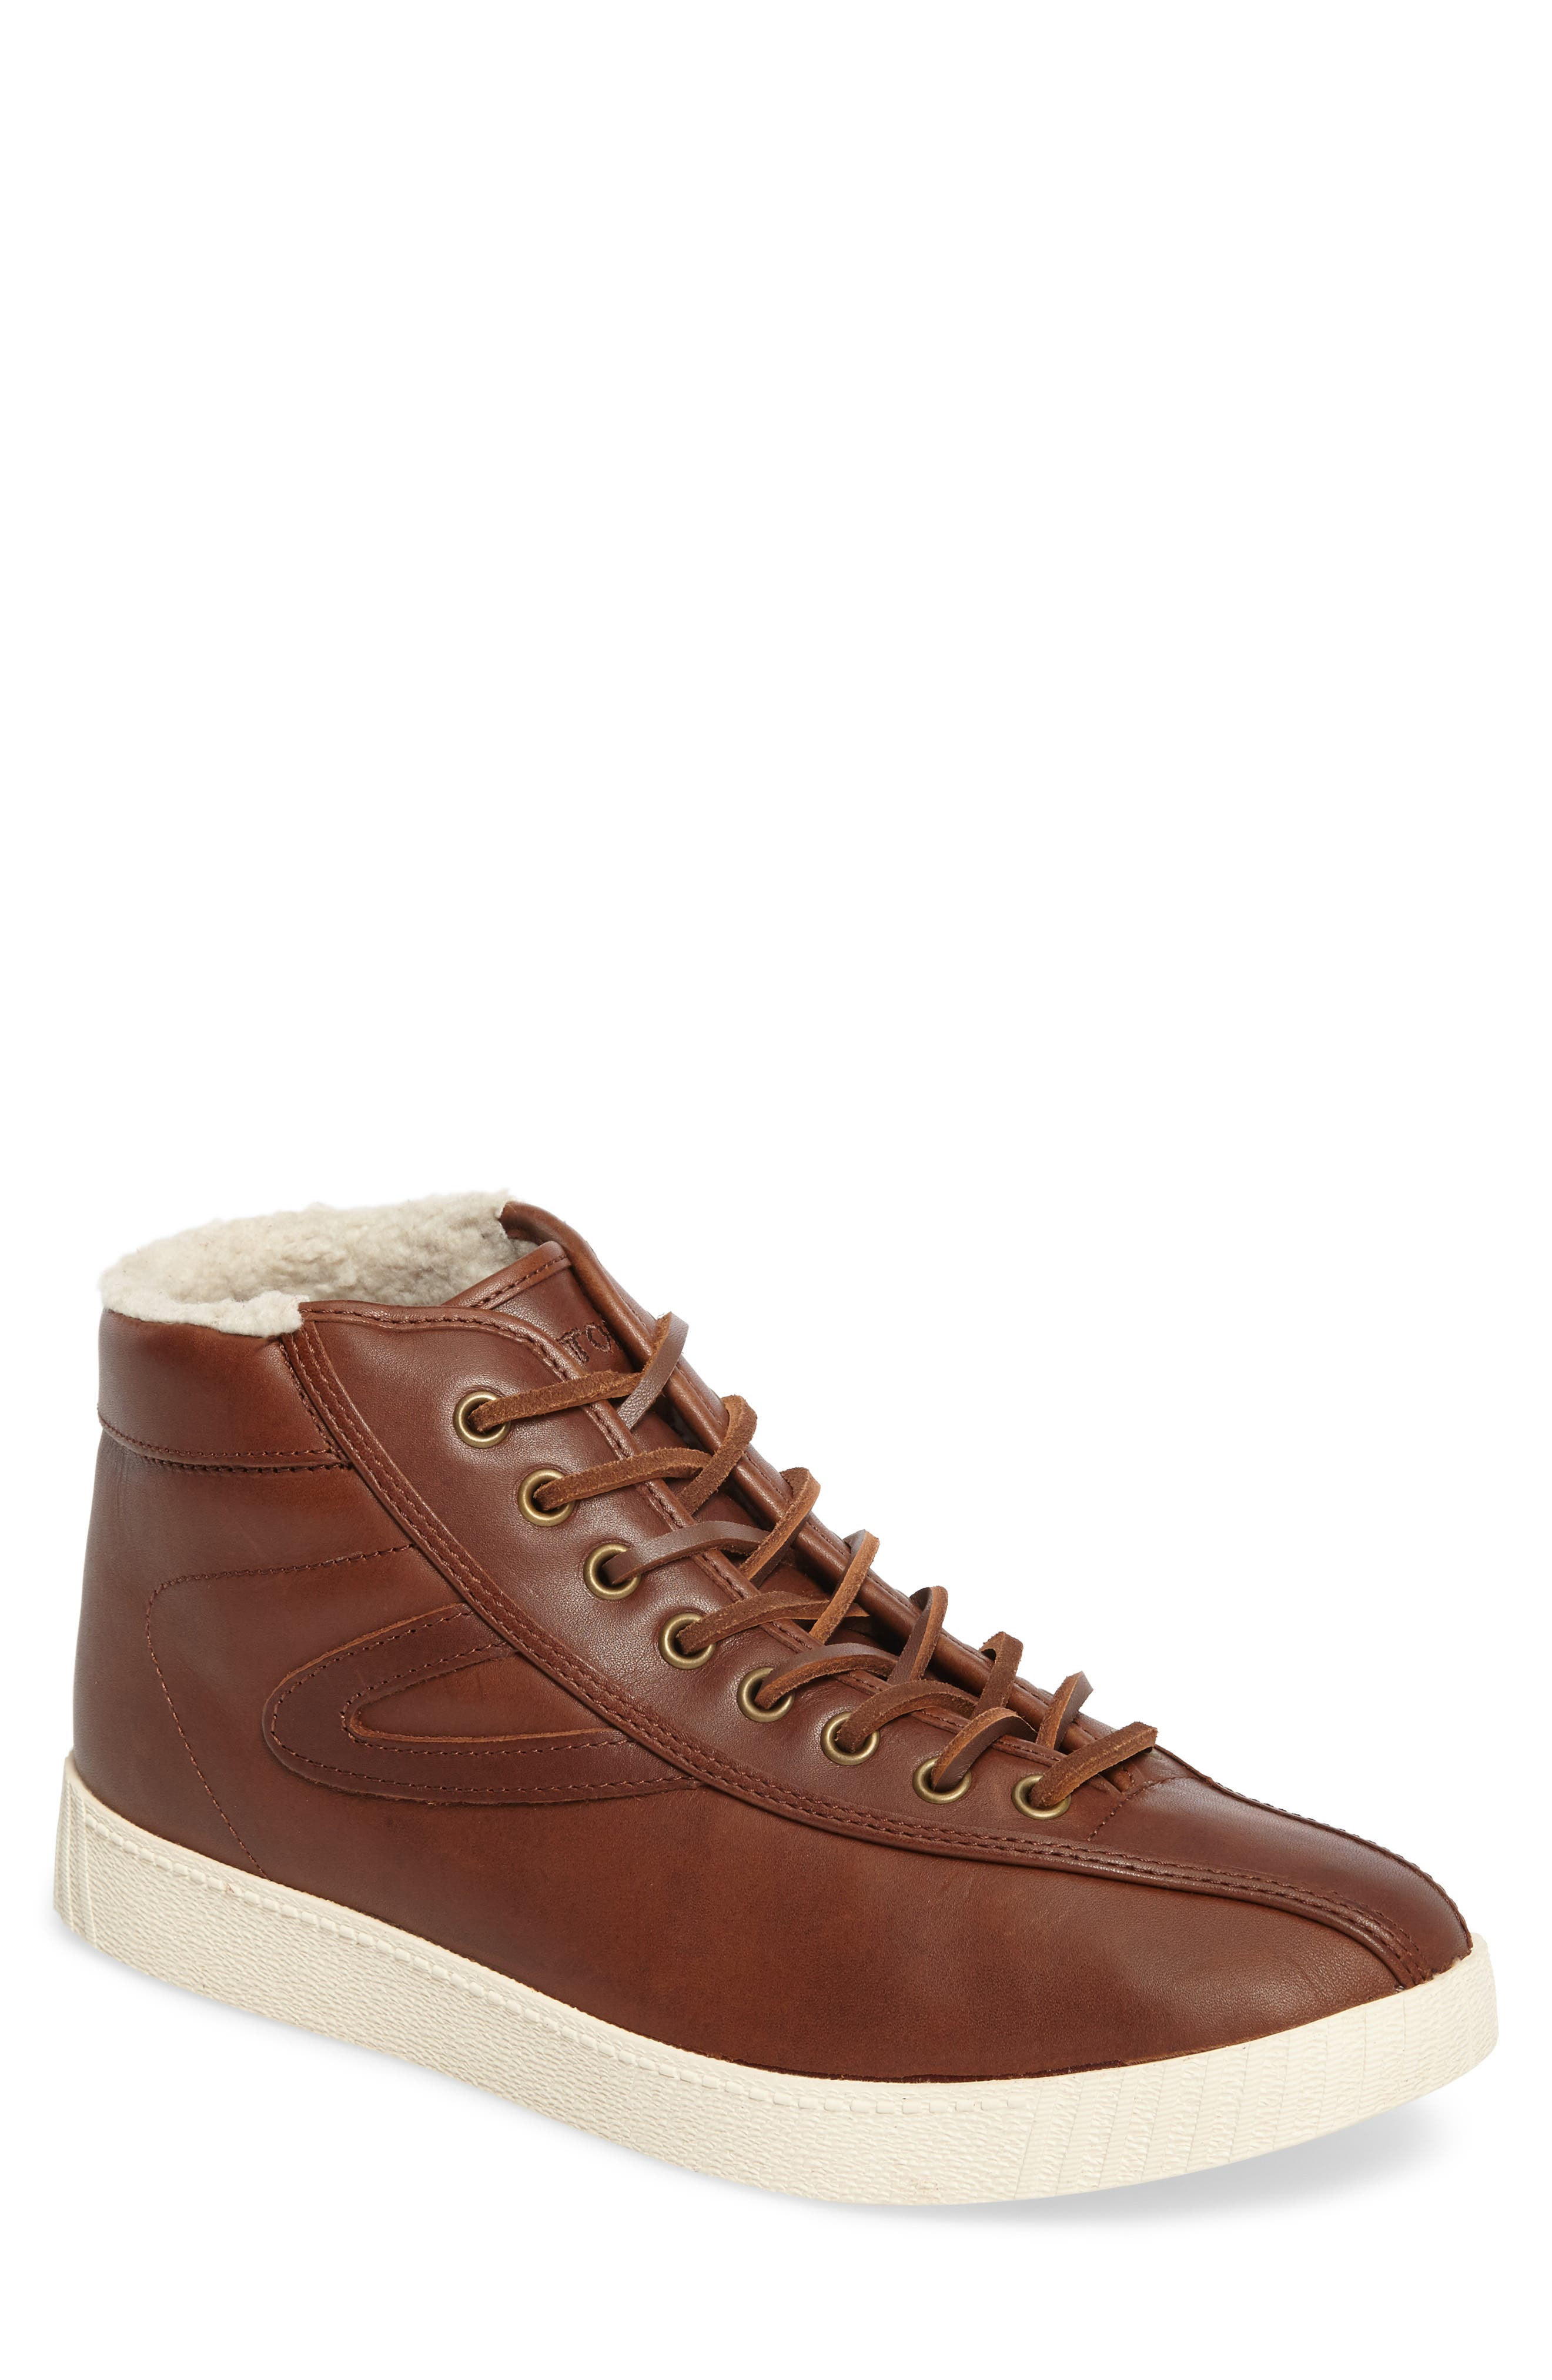 Main Image - Tretorn Nylite Hi 2 Sneaker (Men)